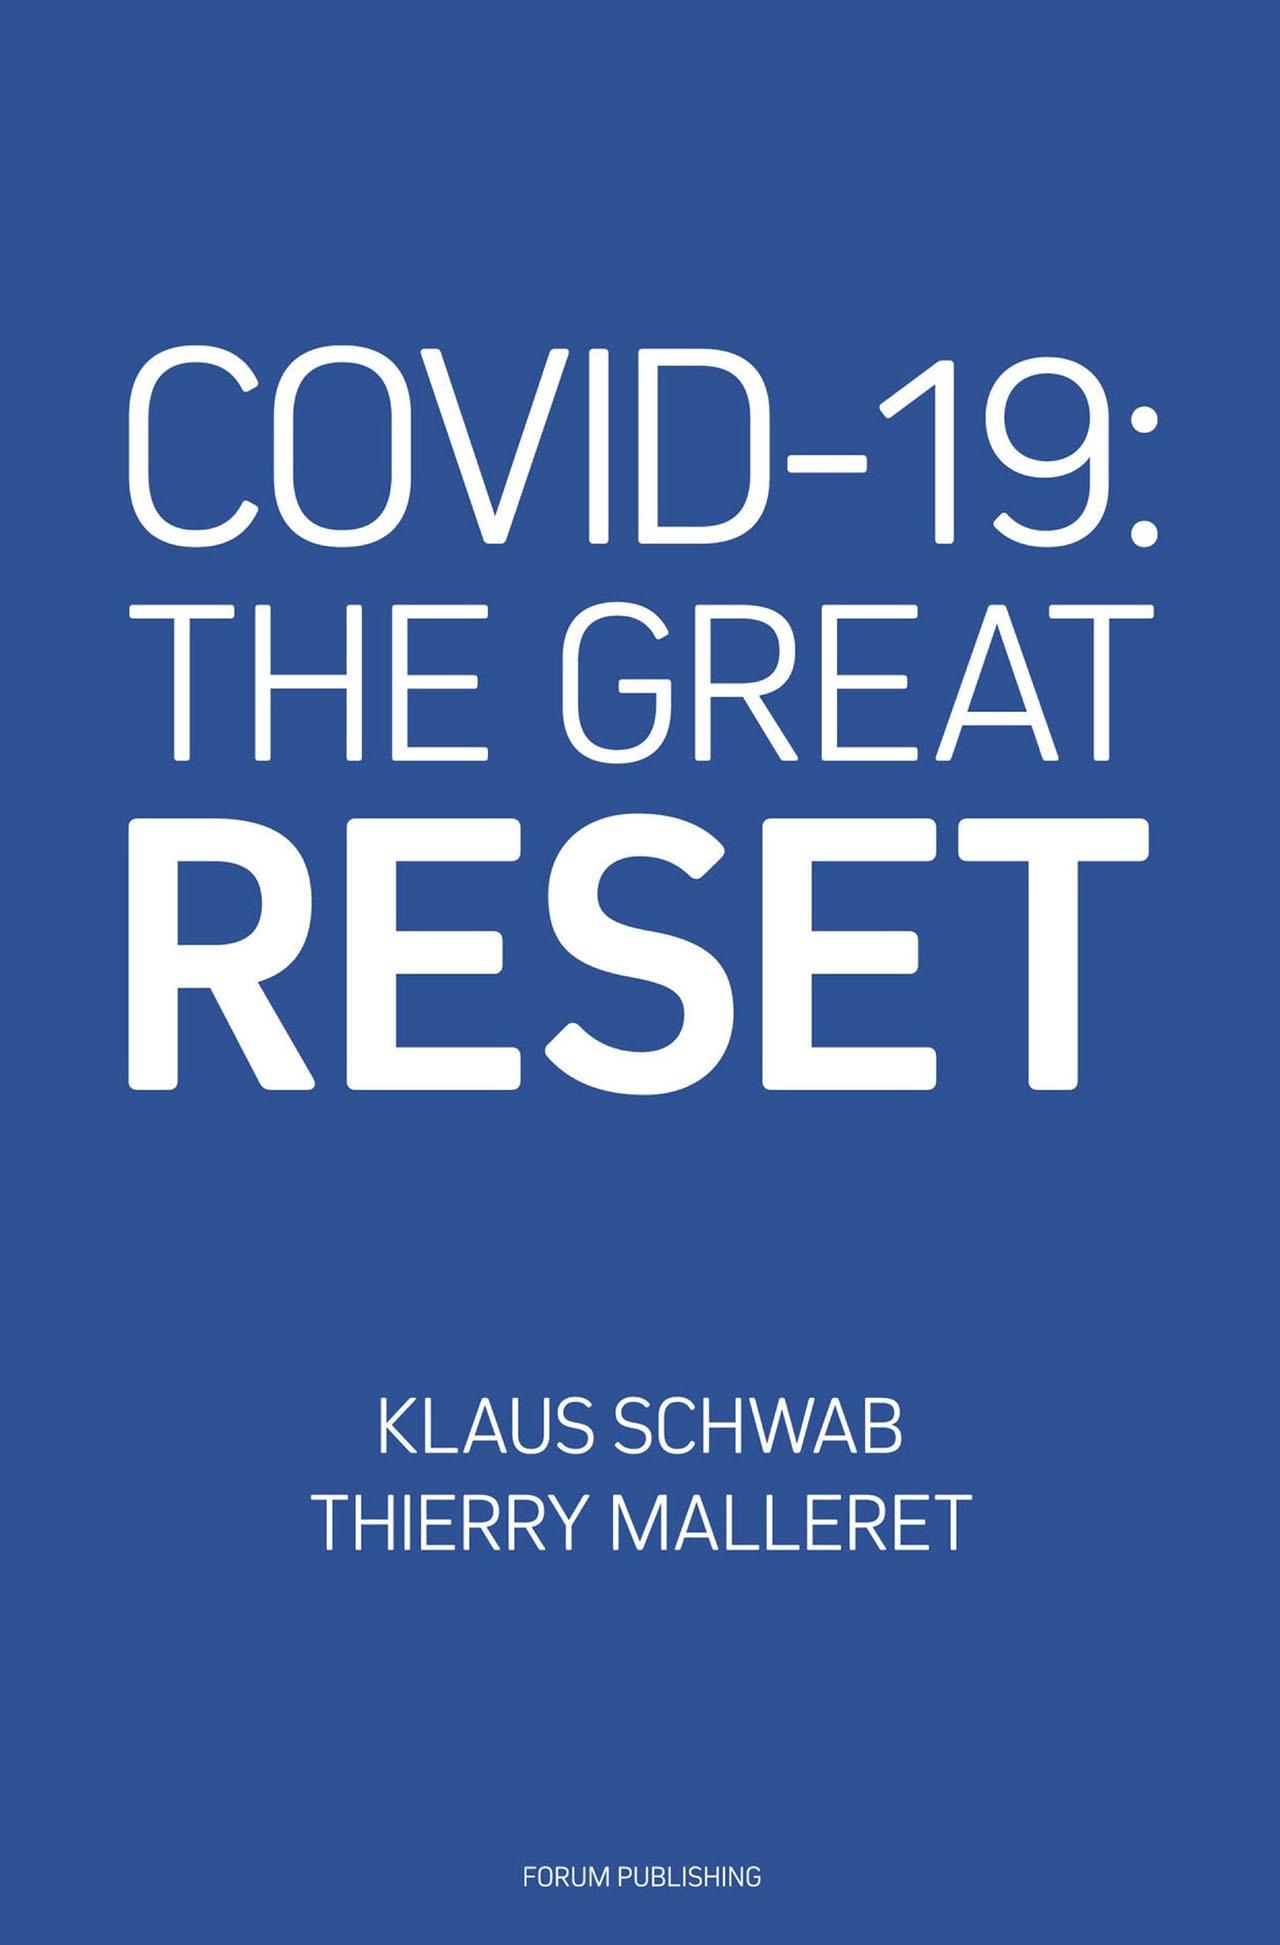 В своей книге «COVID-19: Великая перезагрузка» глобалист Клаус Шваб пишет о том, что пандемия коронавируса была мгновенной проверкой рефлексов человечества на неизвестную угрозу. Но ему известную.